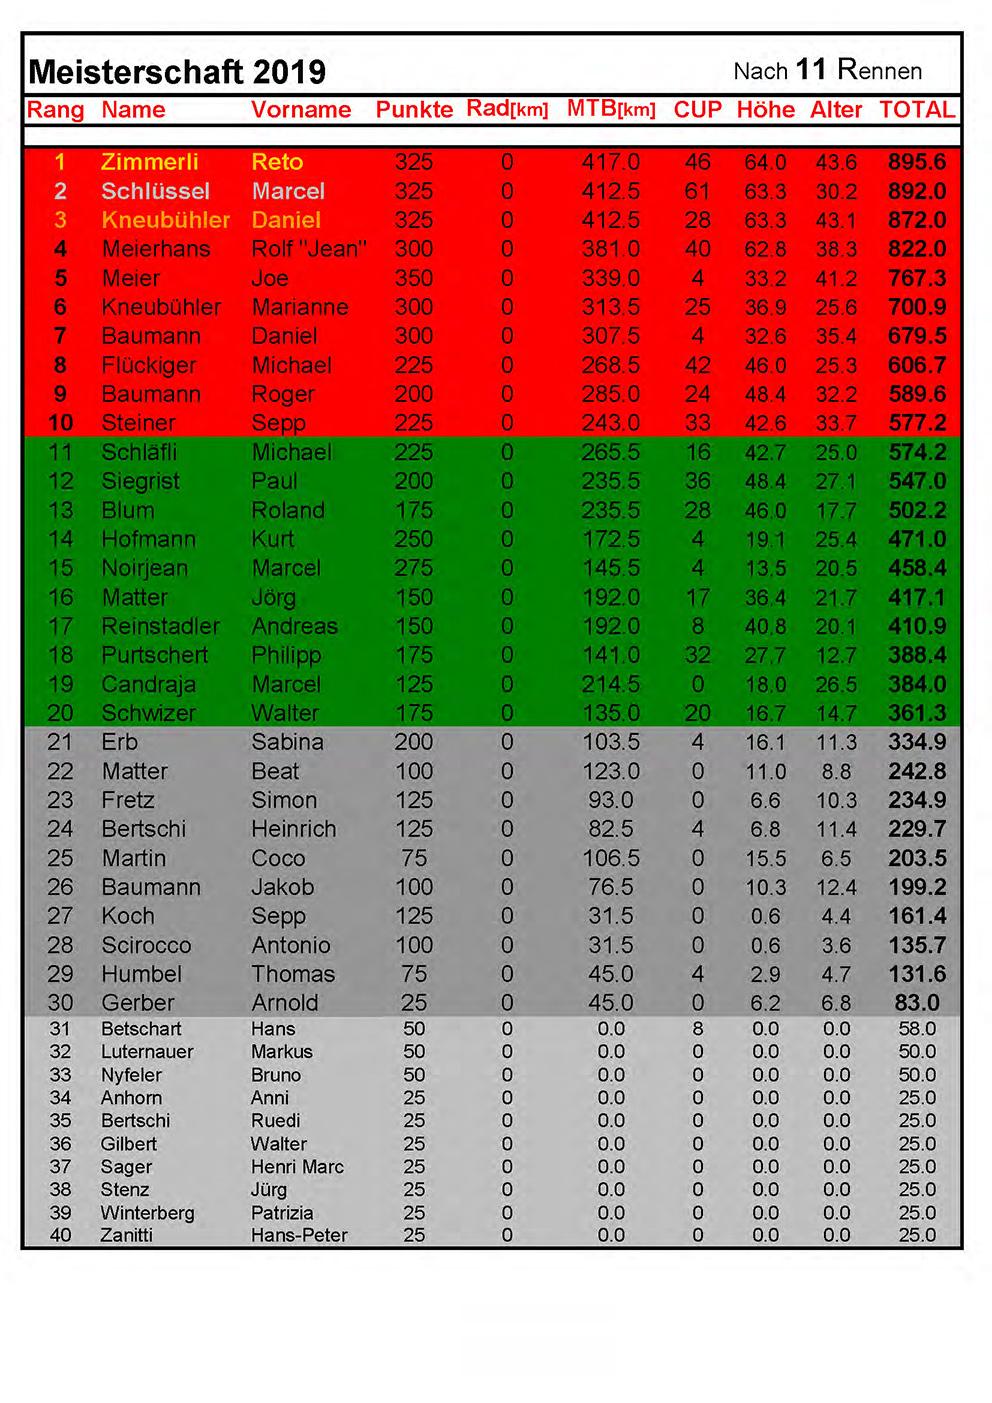 Rangliste2019 - nach 11Rennen